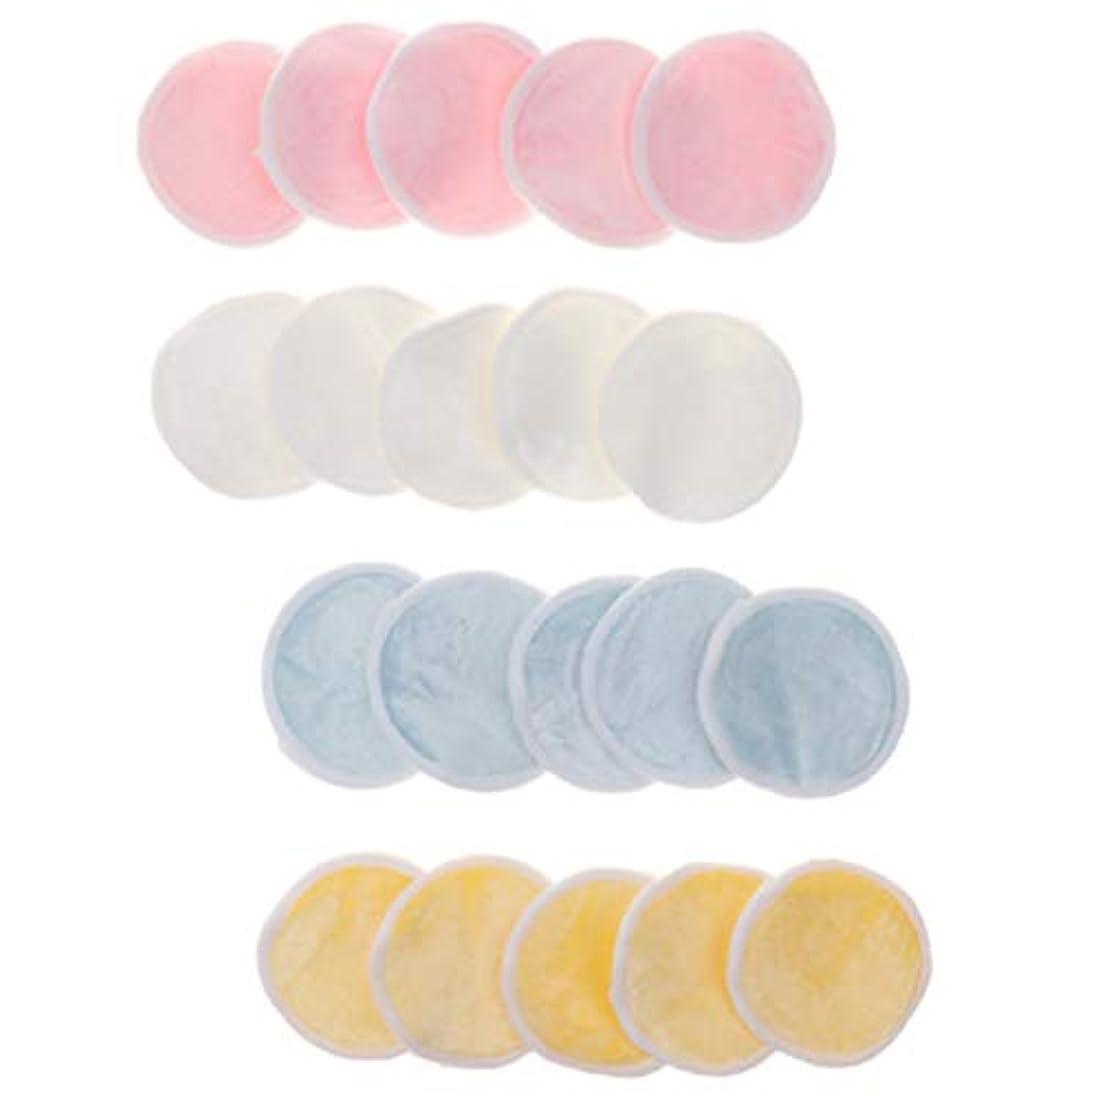 カプラー窓を洗うシャーロットブロンテB Blesiya 化粧落としパッド メイク落としコットン クレンジング 再使用可能 ジッパーメッシュバッグ付 20個入